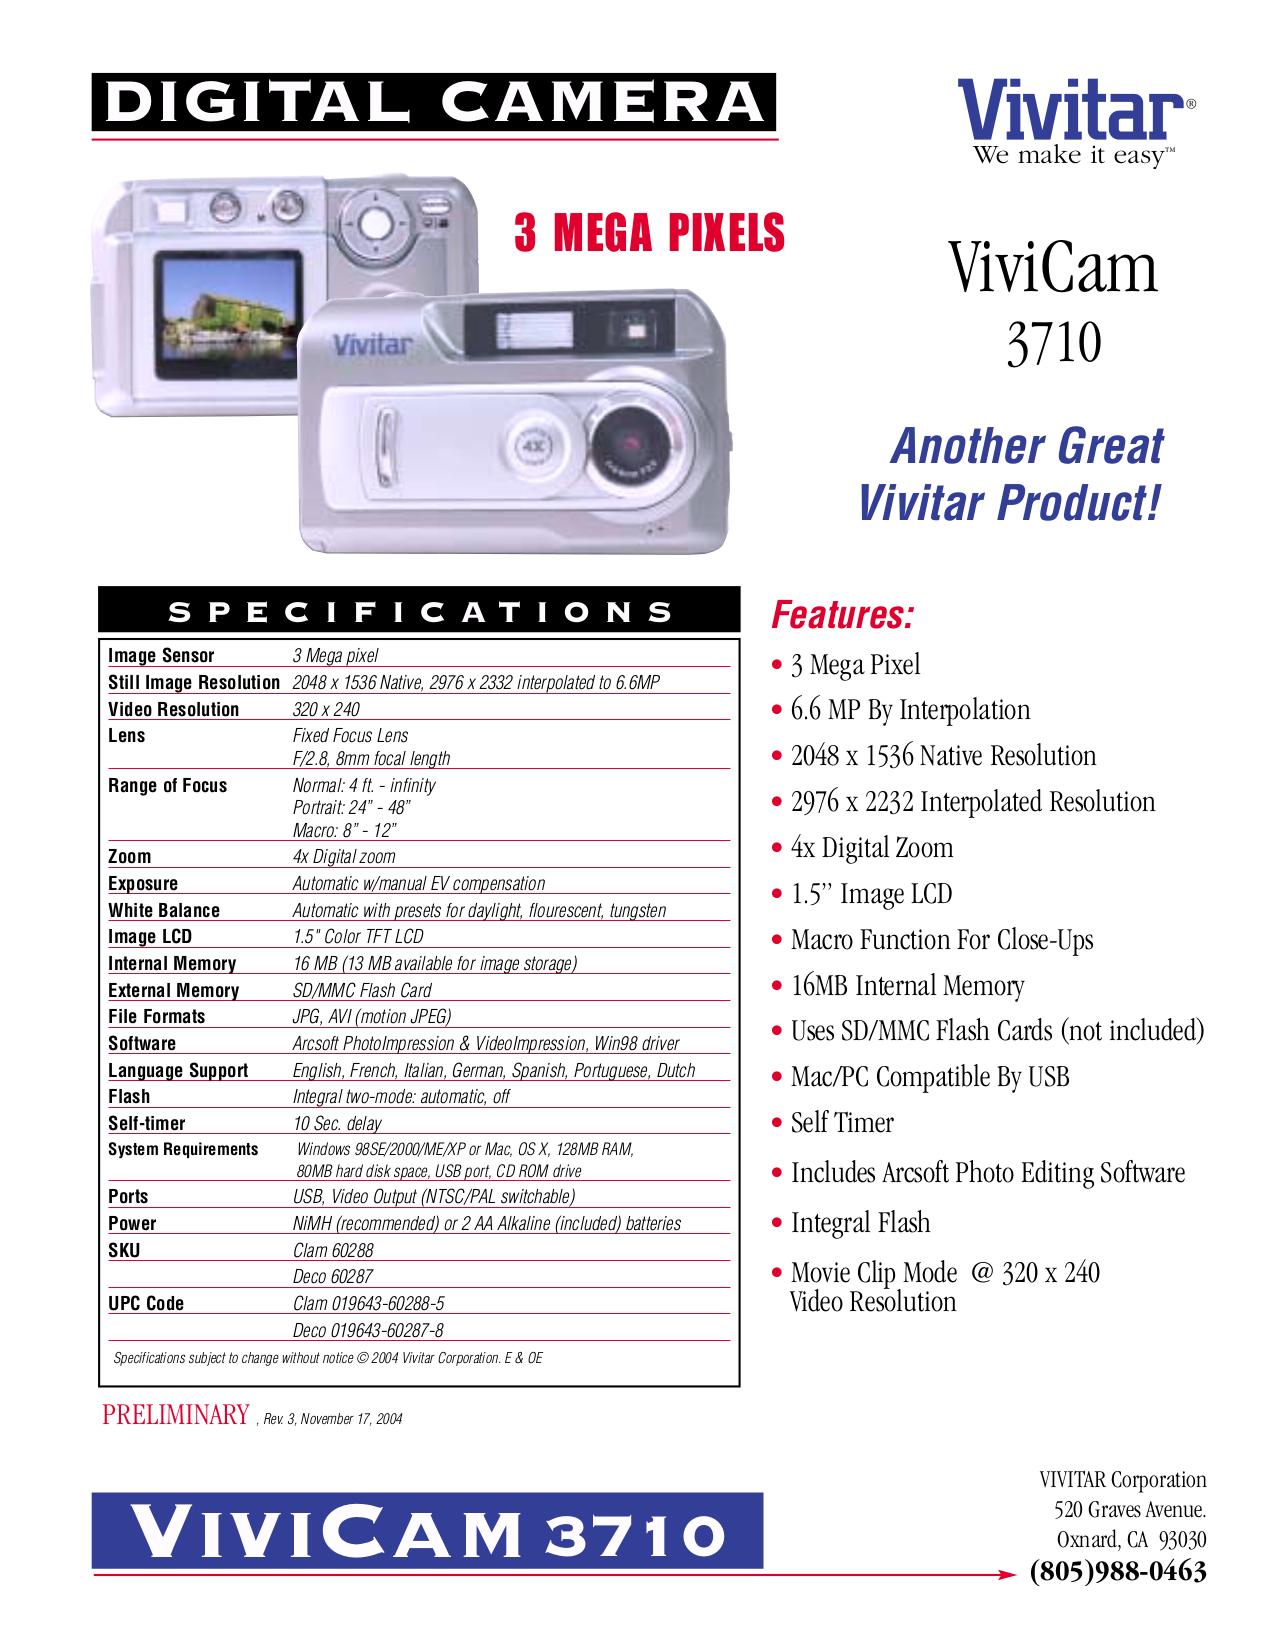 Download free pdf for Vivitar Vivicam 3710 Digital Camera manual